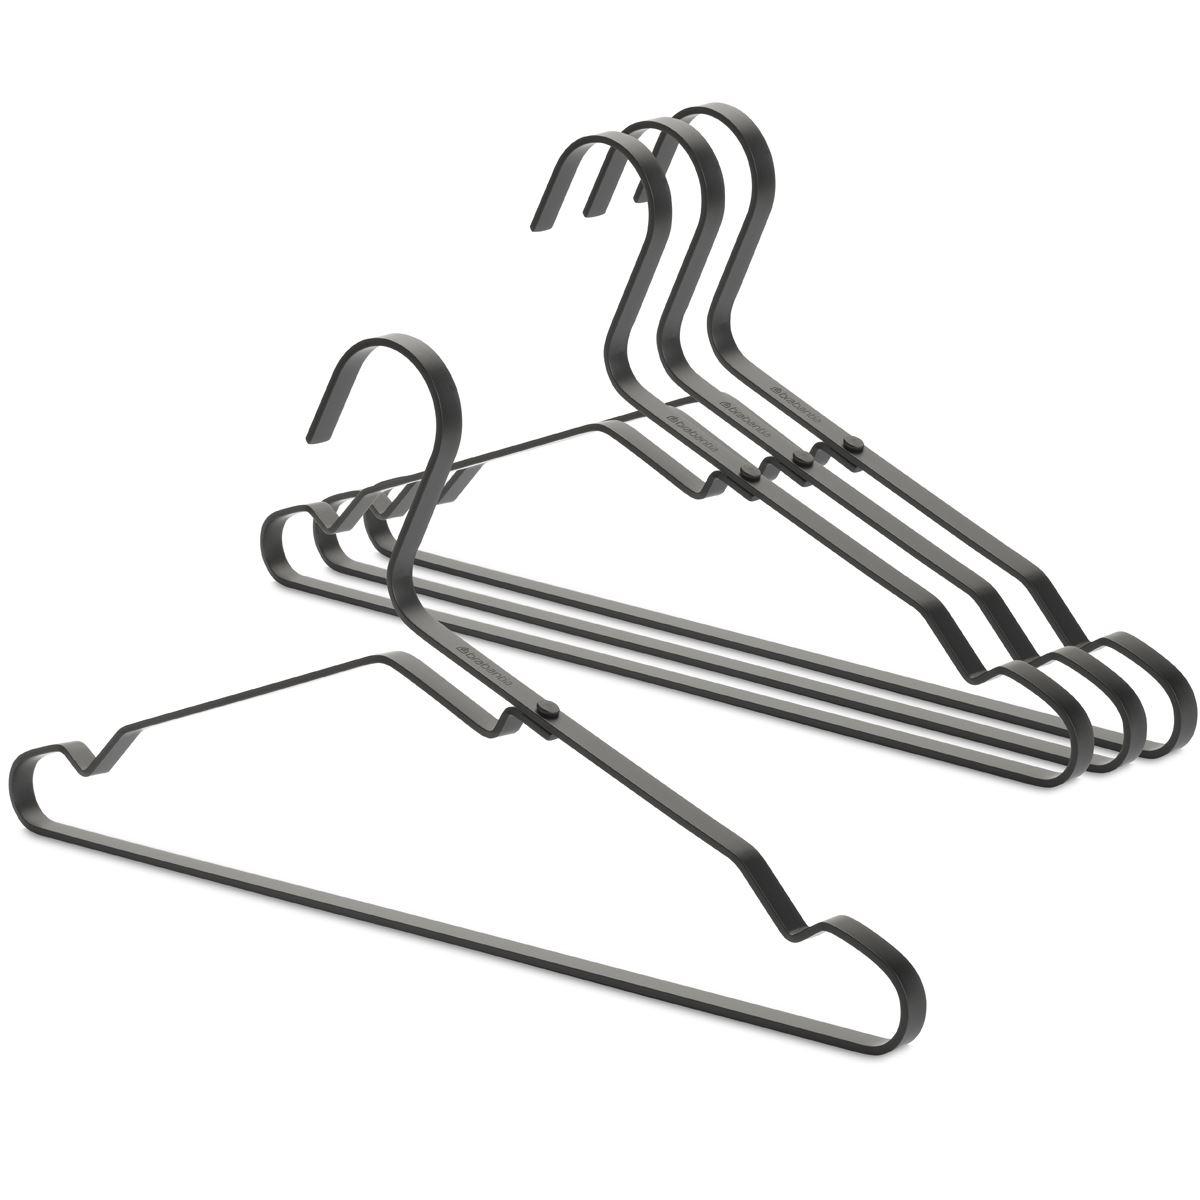 Brabantia Aluminium Clothes Hangers Black